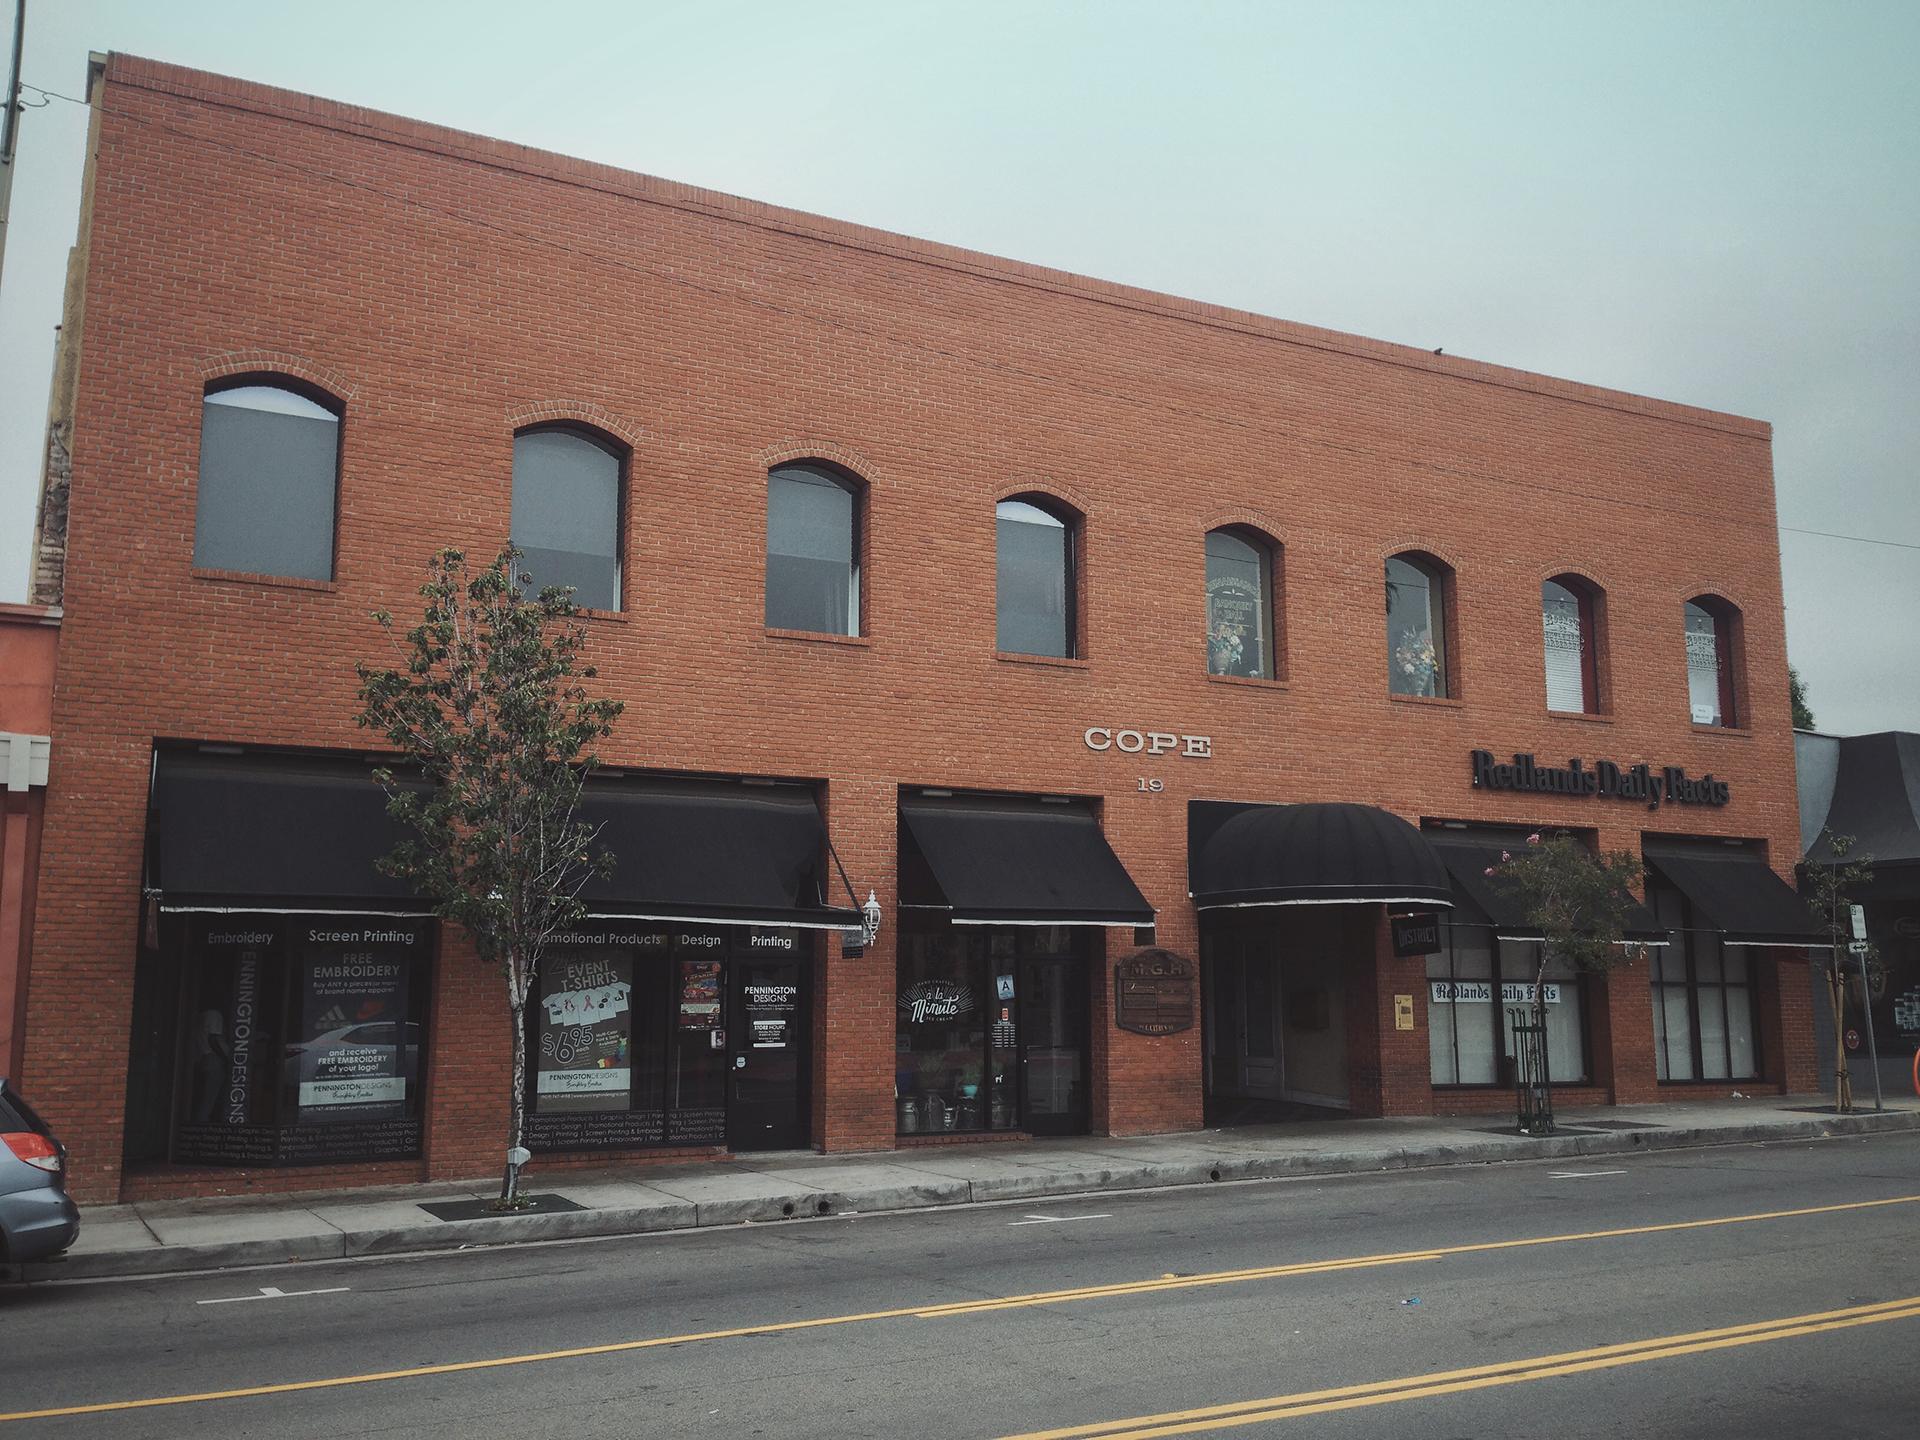 Location - 19 E Citrus Avenue, Suite 206Redlands, CA, 92373